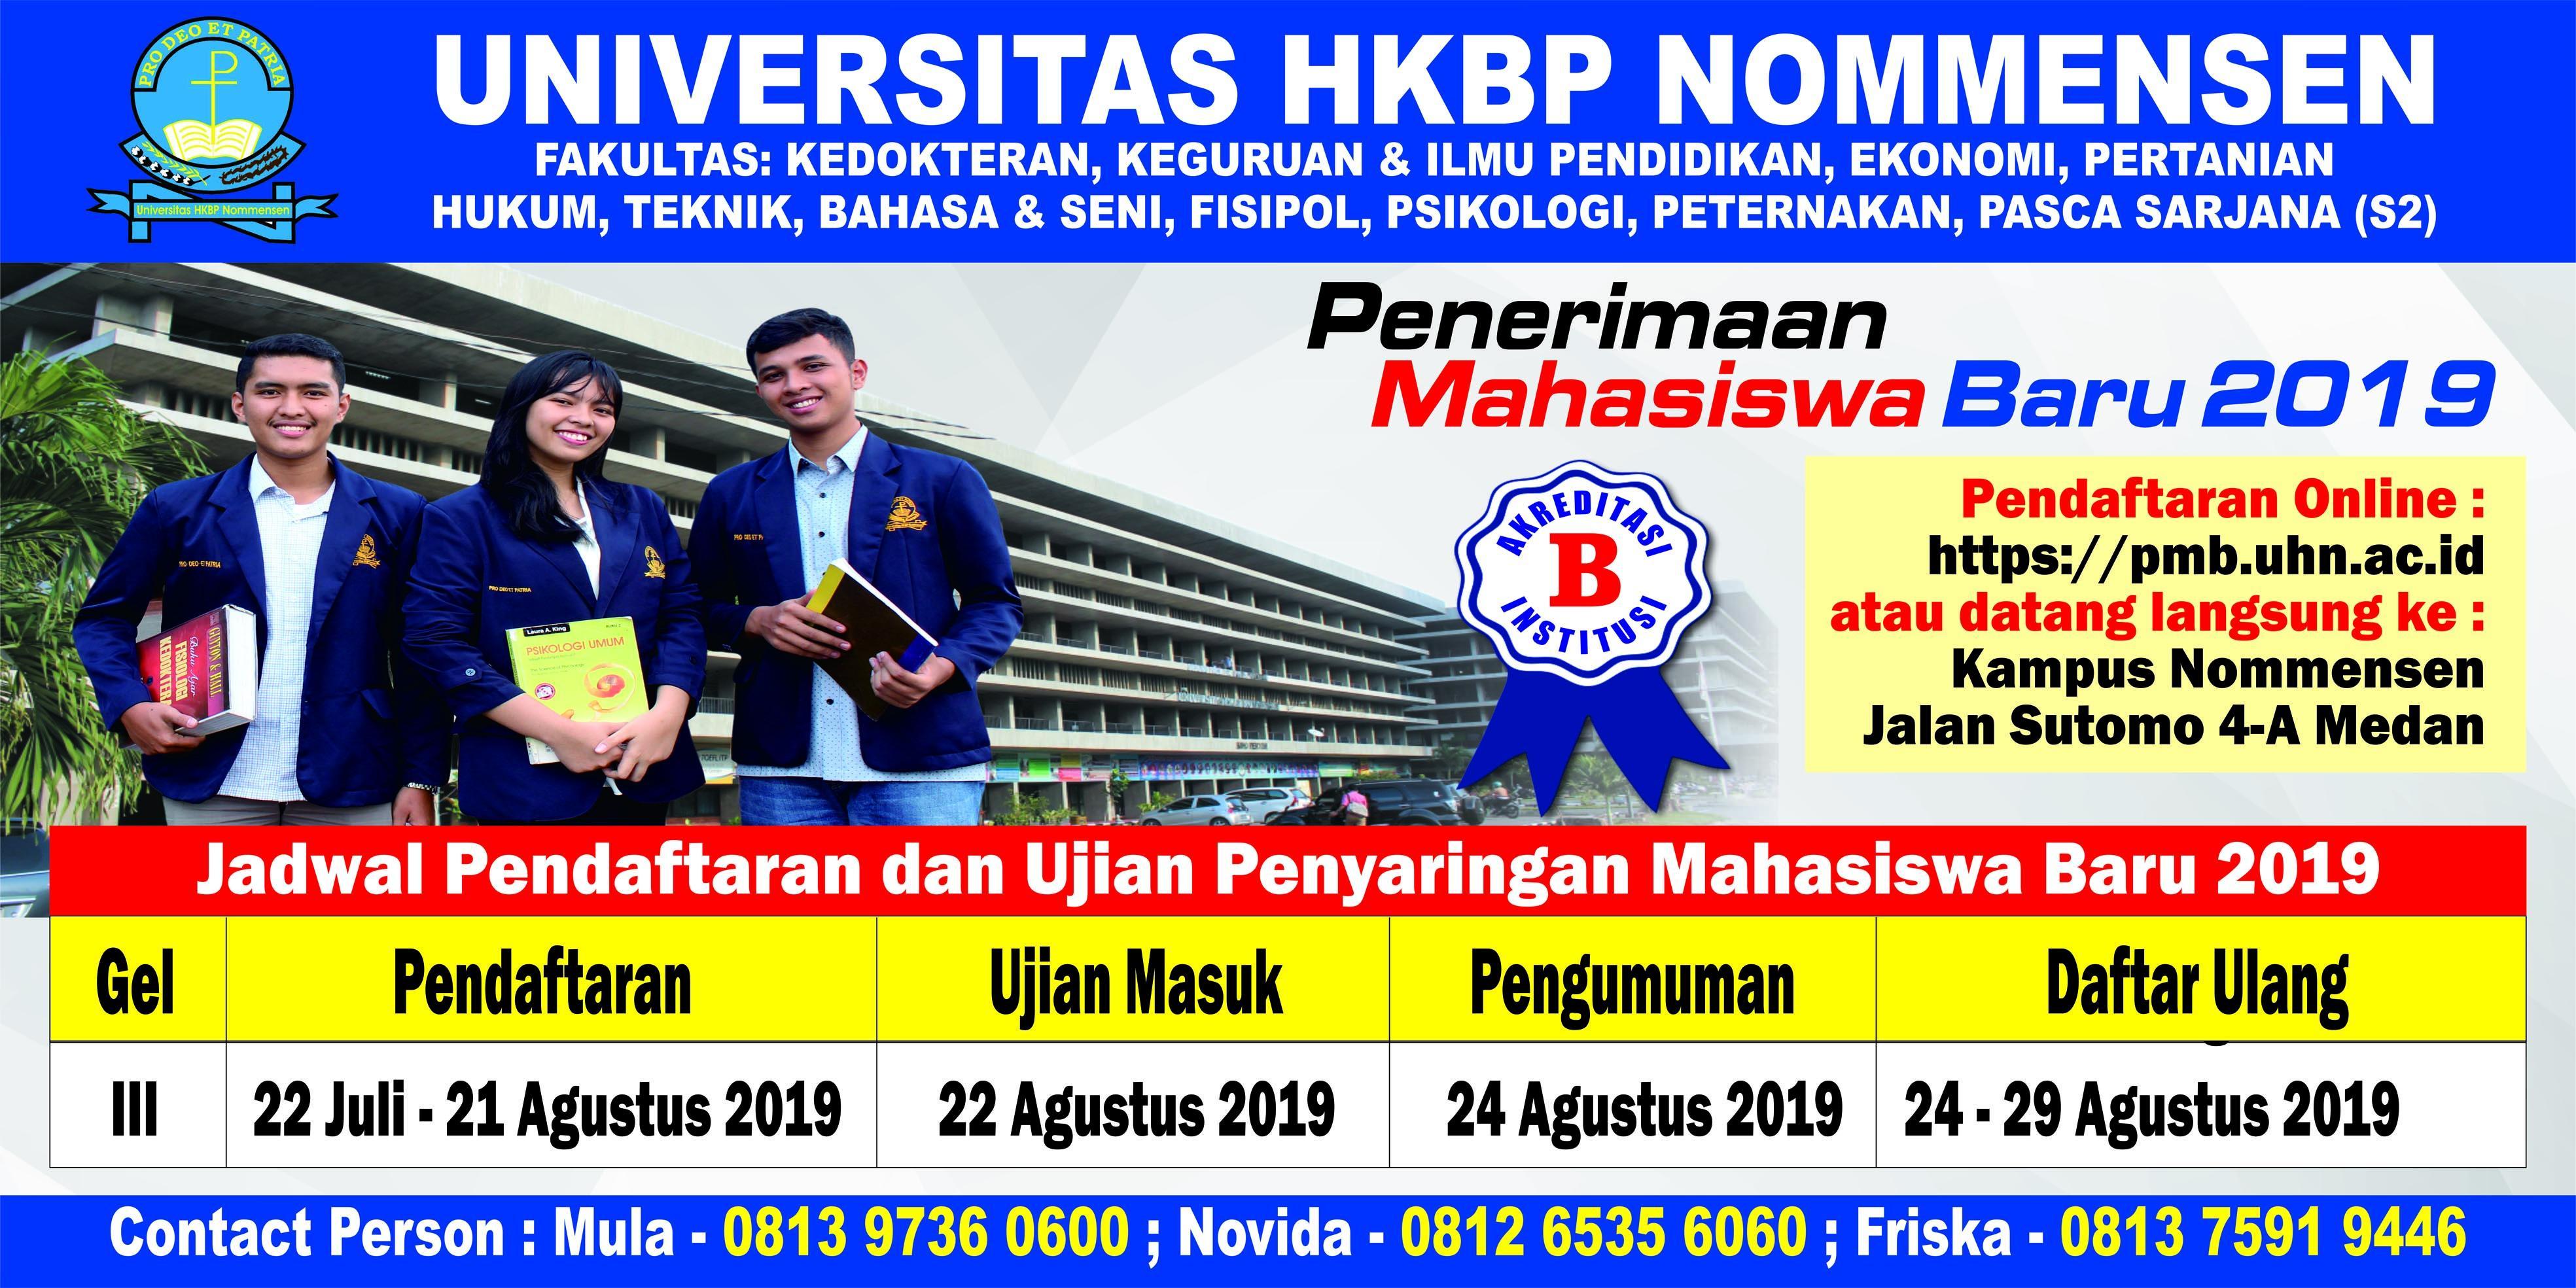 UHN Medan 2019